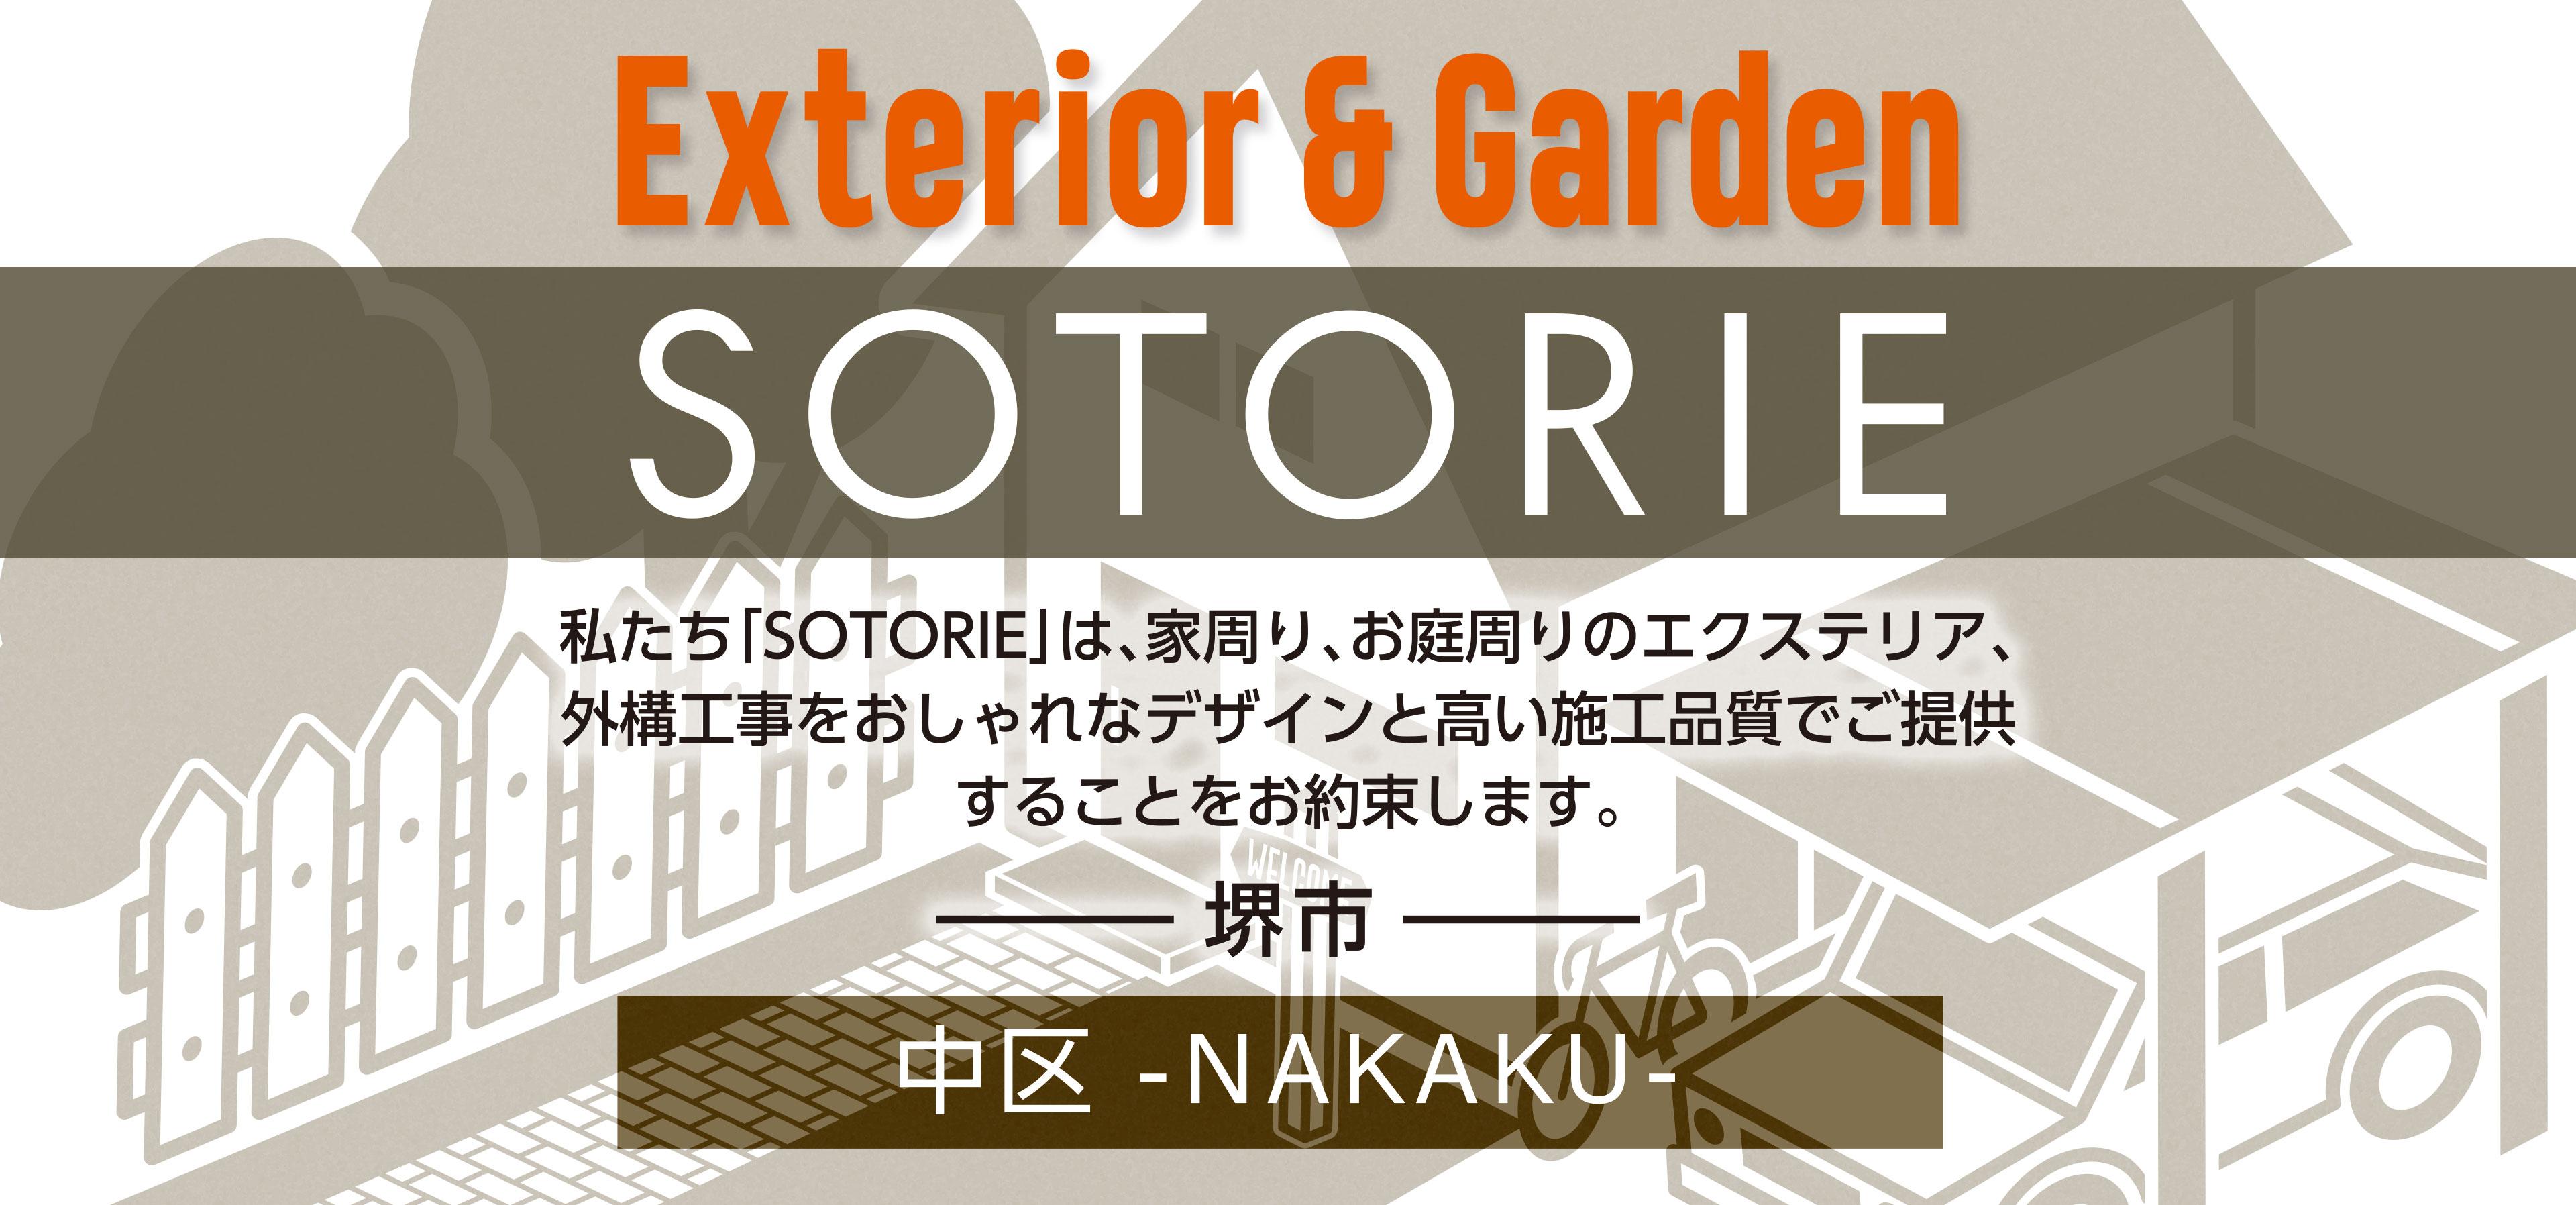 ソトリエ堺市中区では、家周りと庭周りの外構、エクステリア工事をおしゃれなデザインと高い施工品質でご提供することをお約束します。